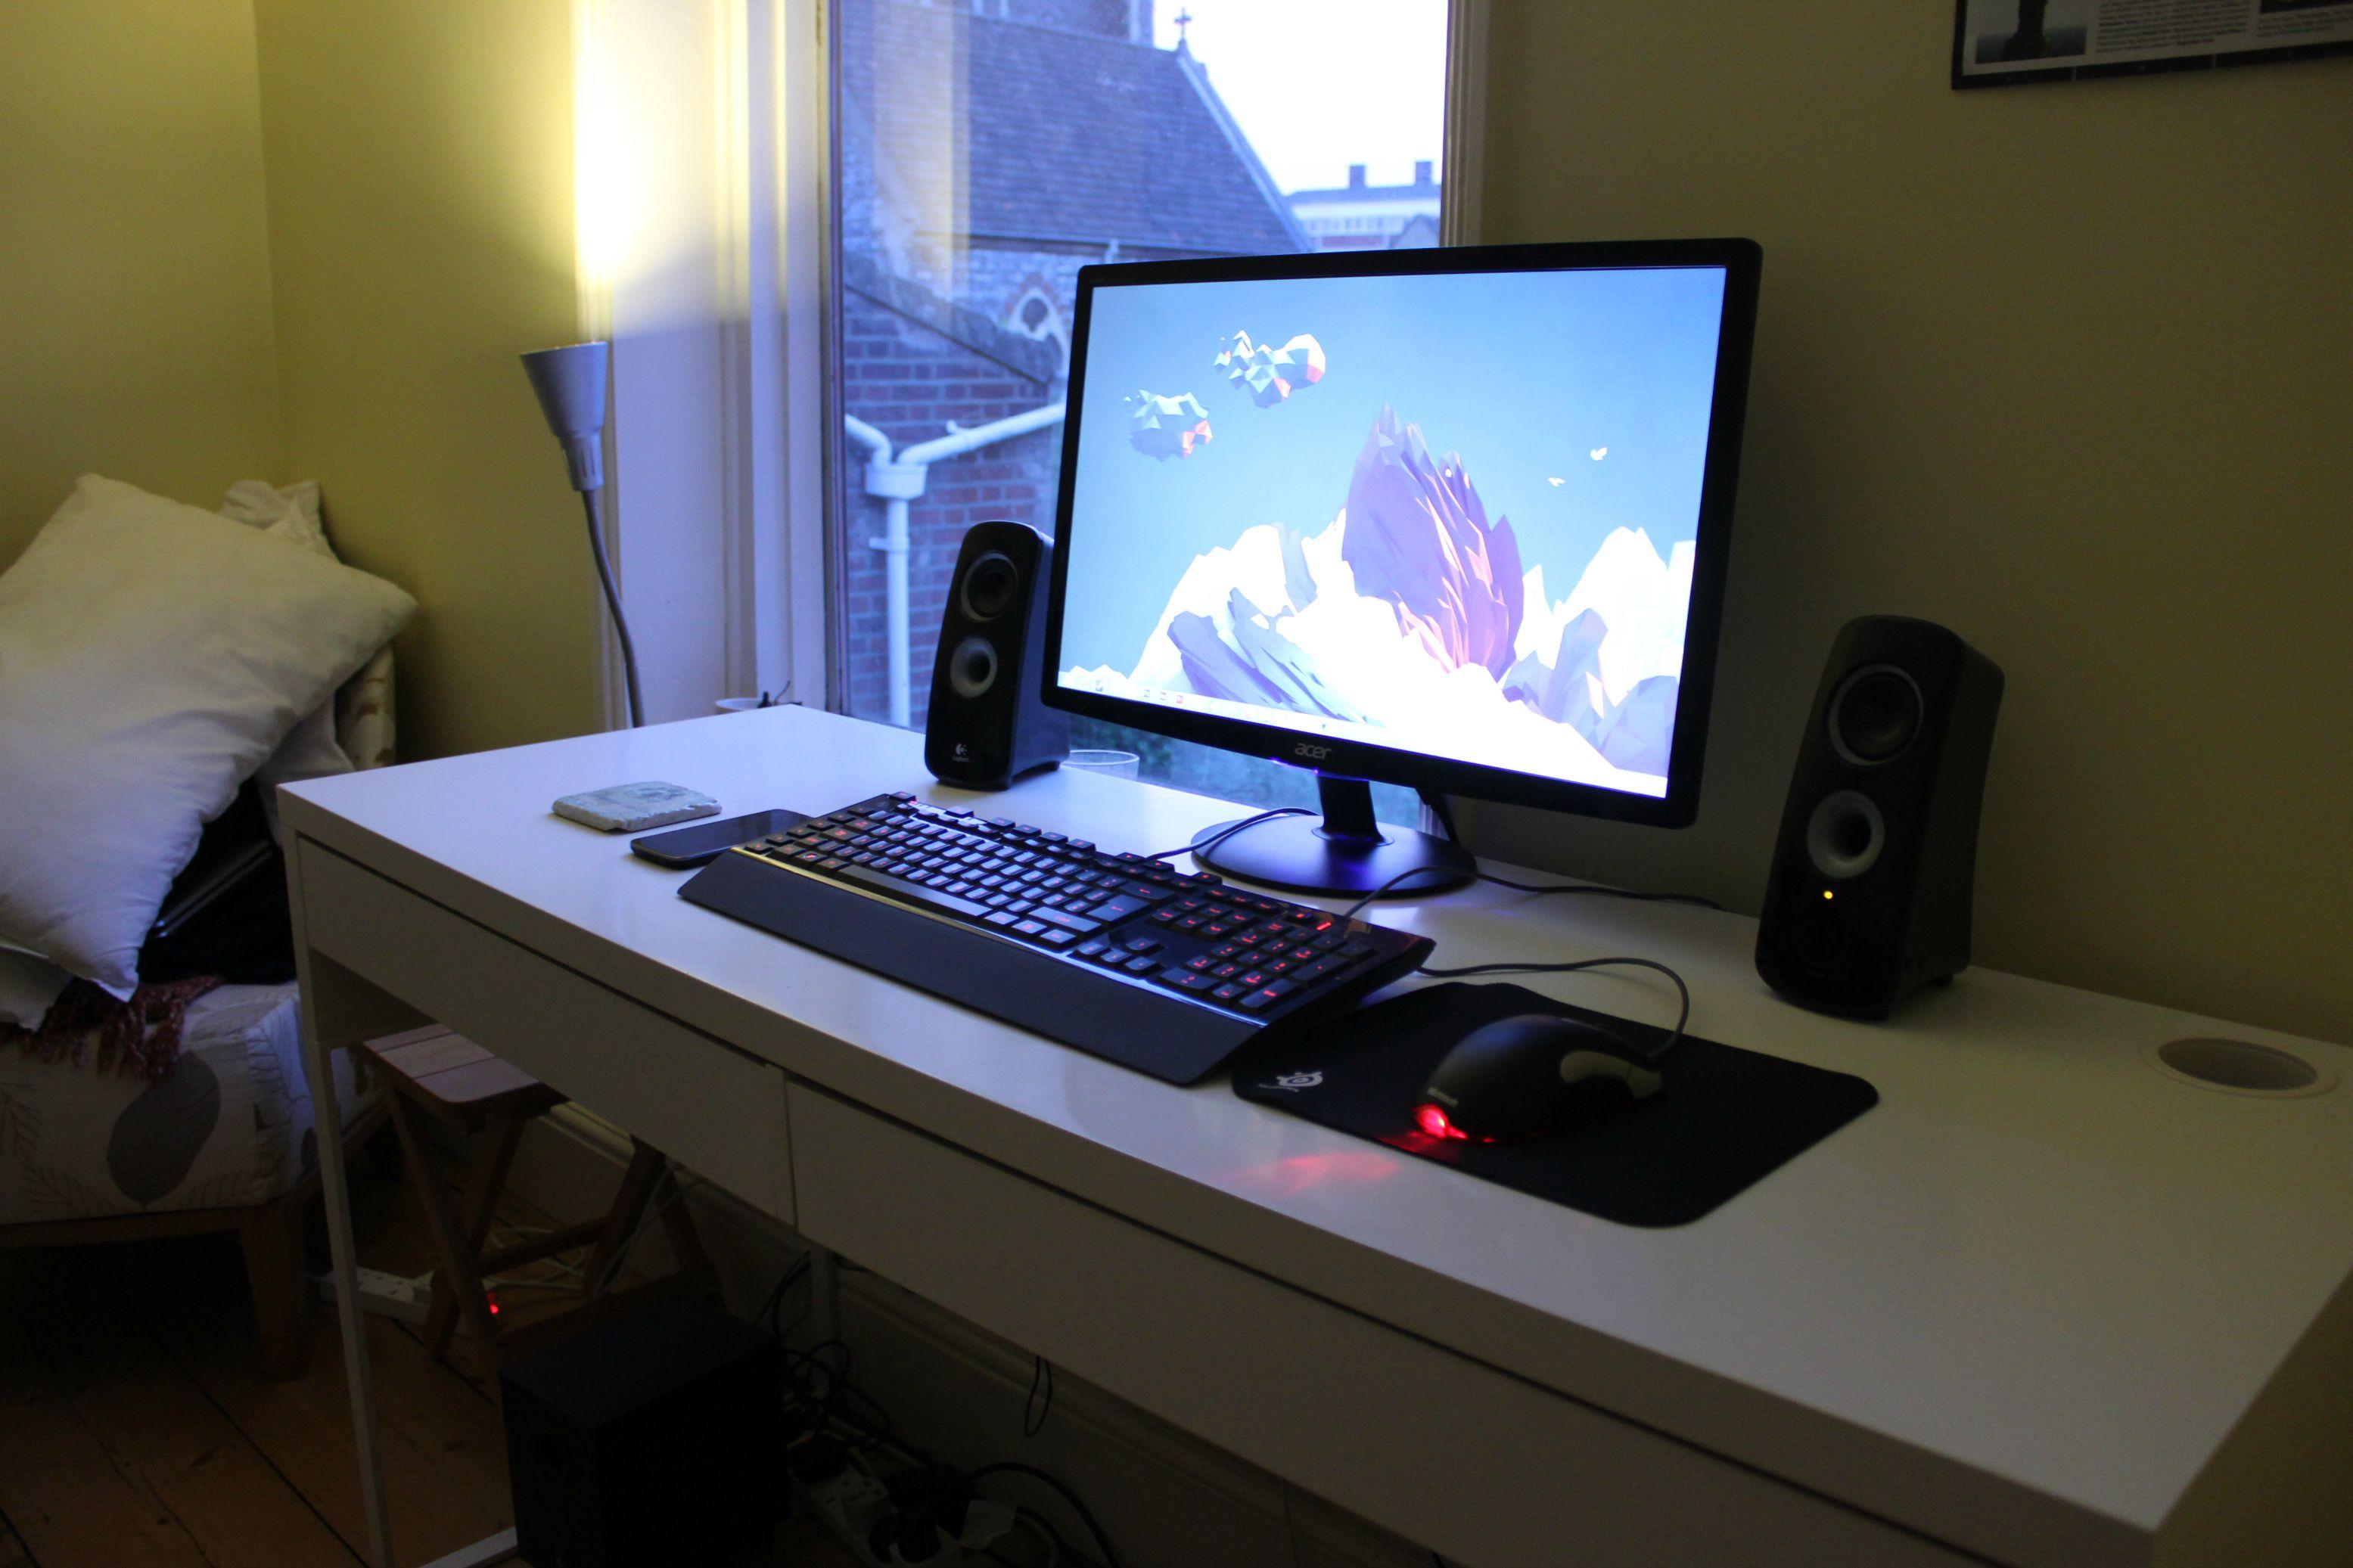 ikea desk gaming setup hostgarcia. Black Bedroom Furniture Sets. Home Design Ideas